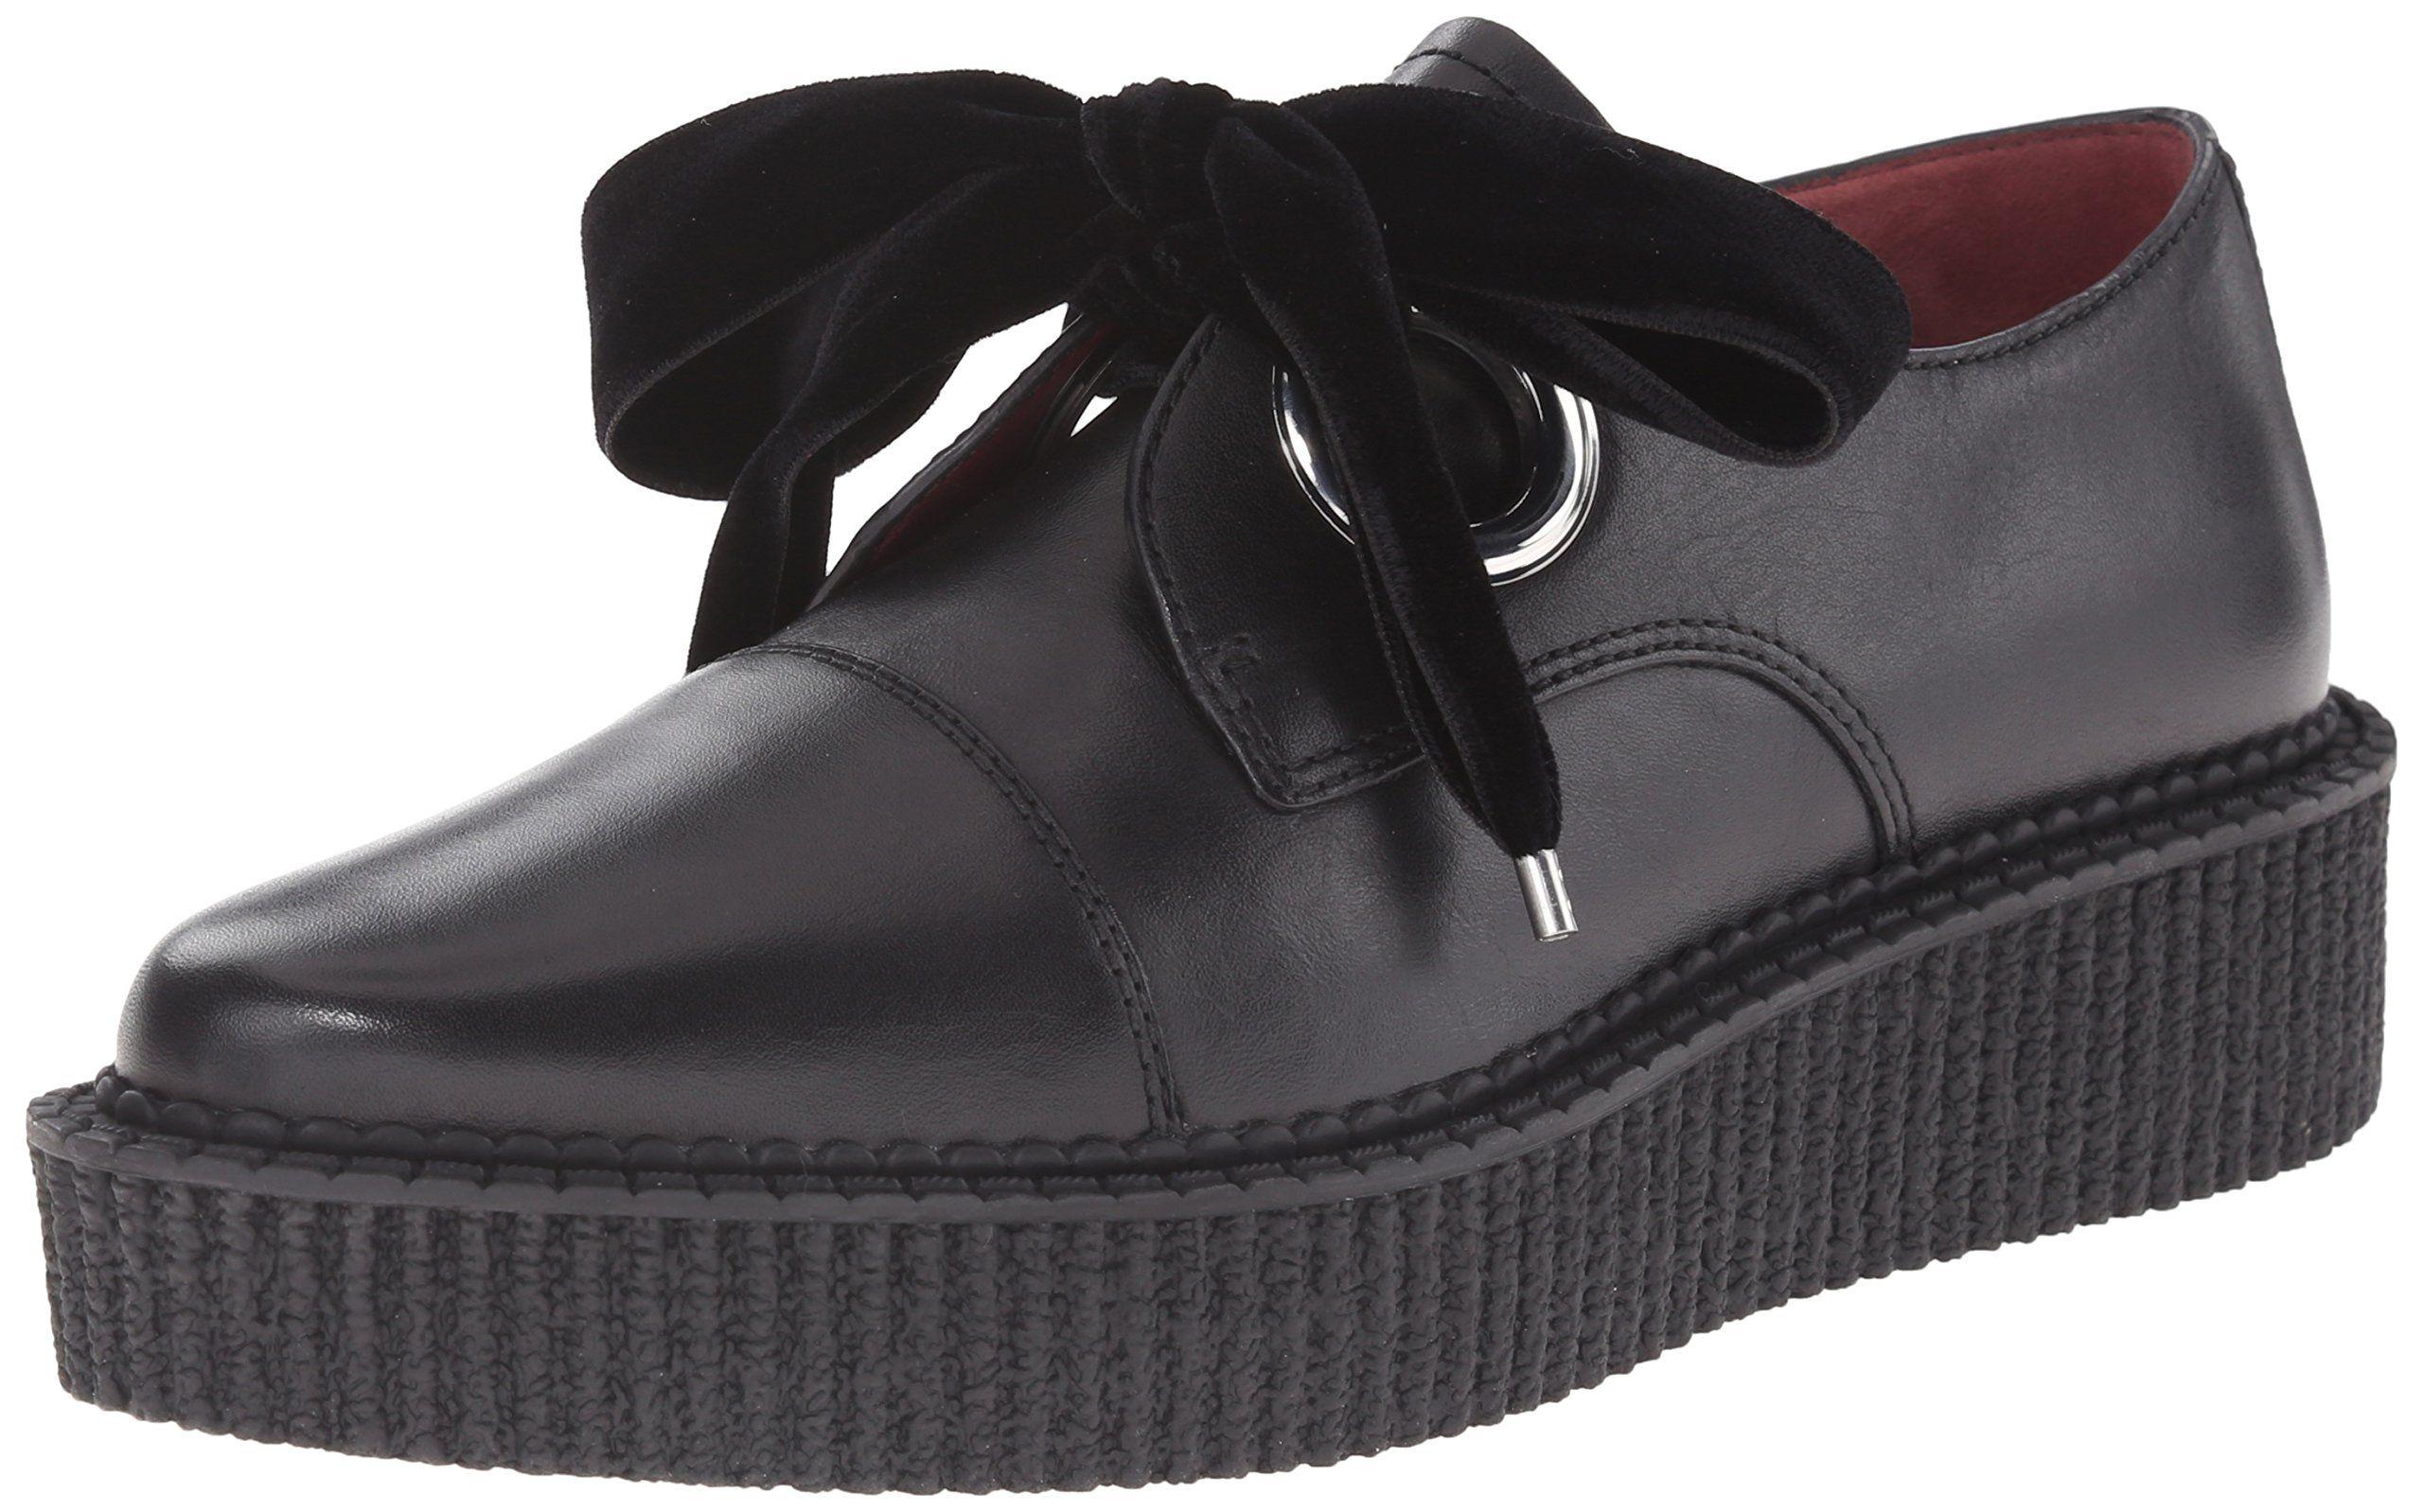 Marc jacobs shoes, Lace up shoes